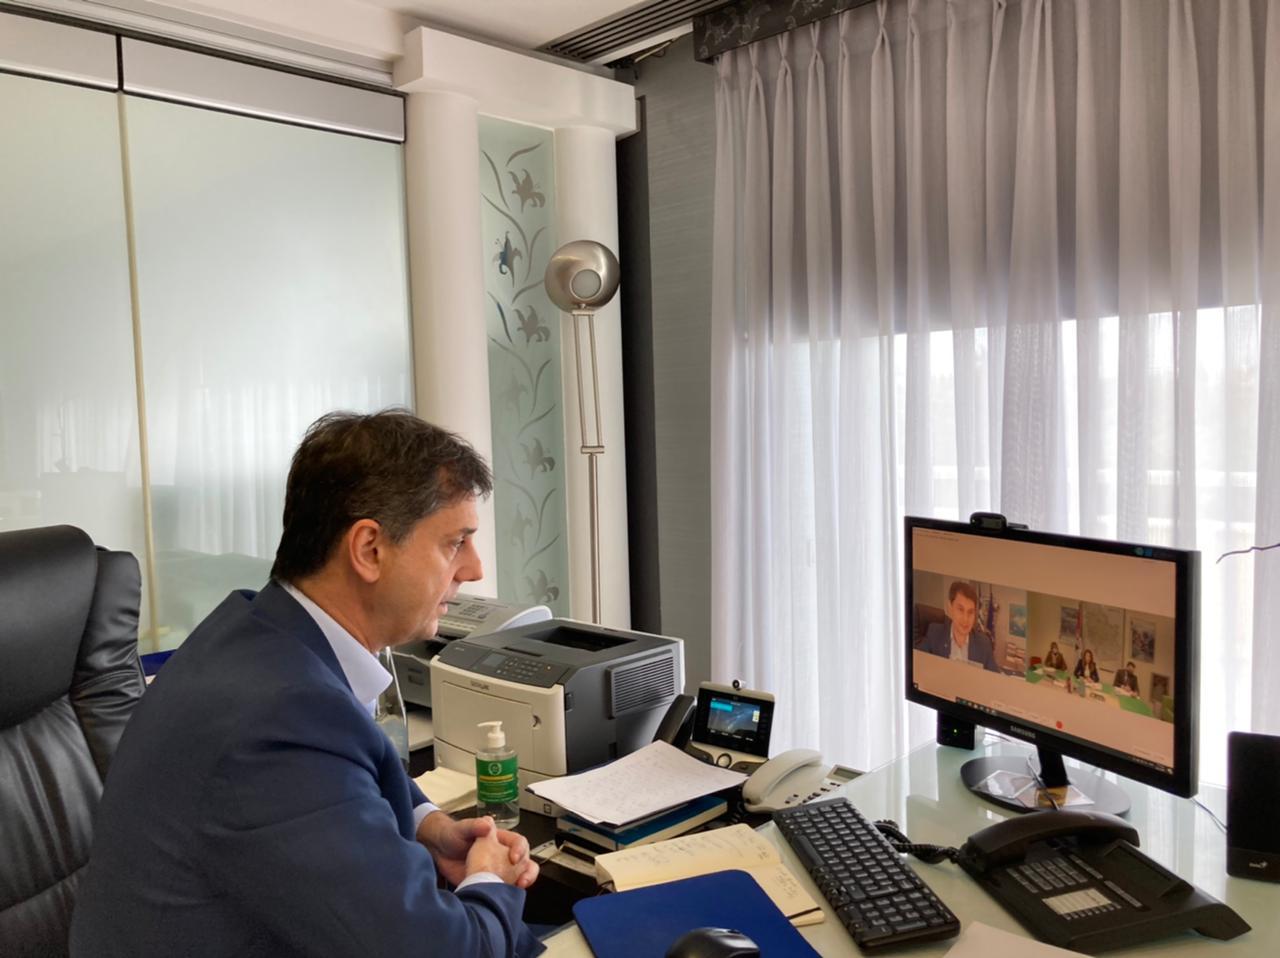 Τηλεδιάσκεψη του Υπ. Τουρισμού με την Υπουργό Εμπορίου, Τουρισμού και Τηλεπικοινωνιών της Σερβίας